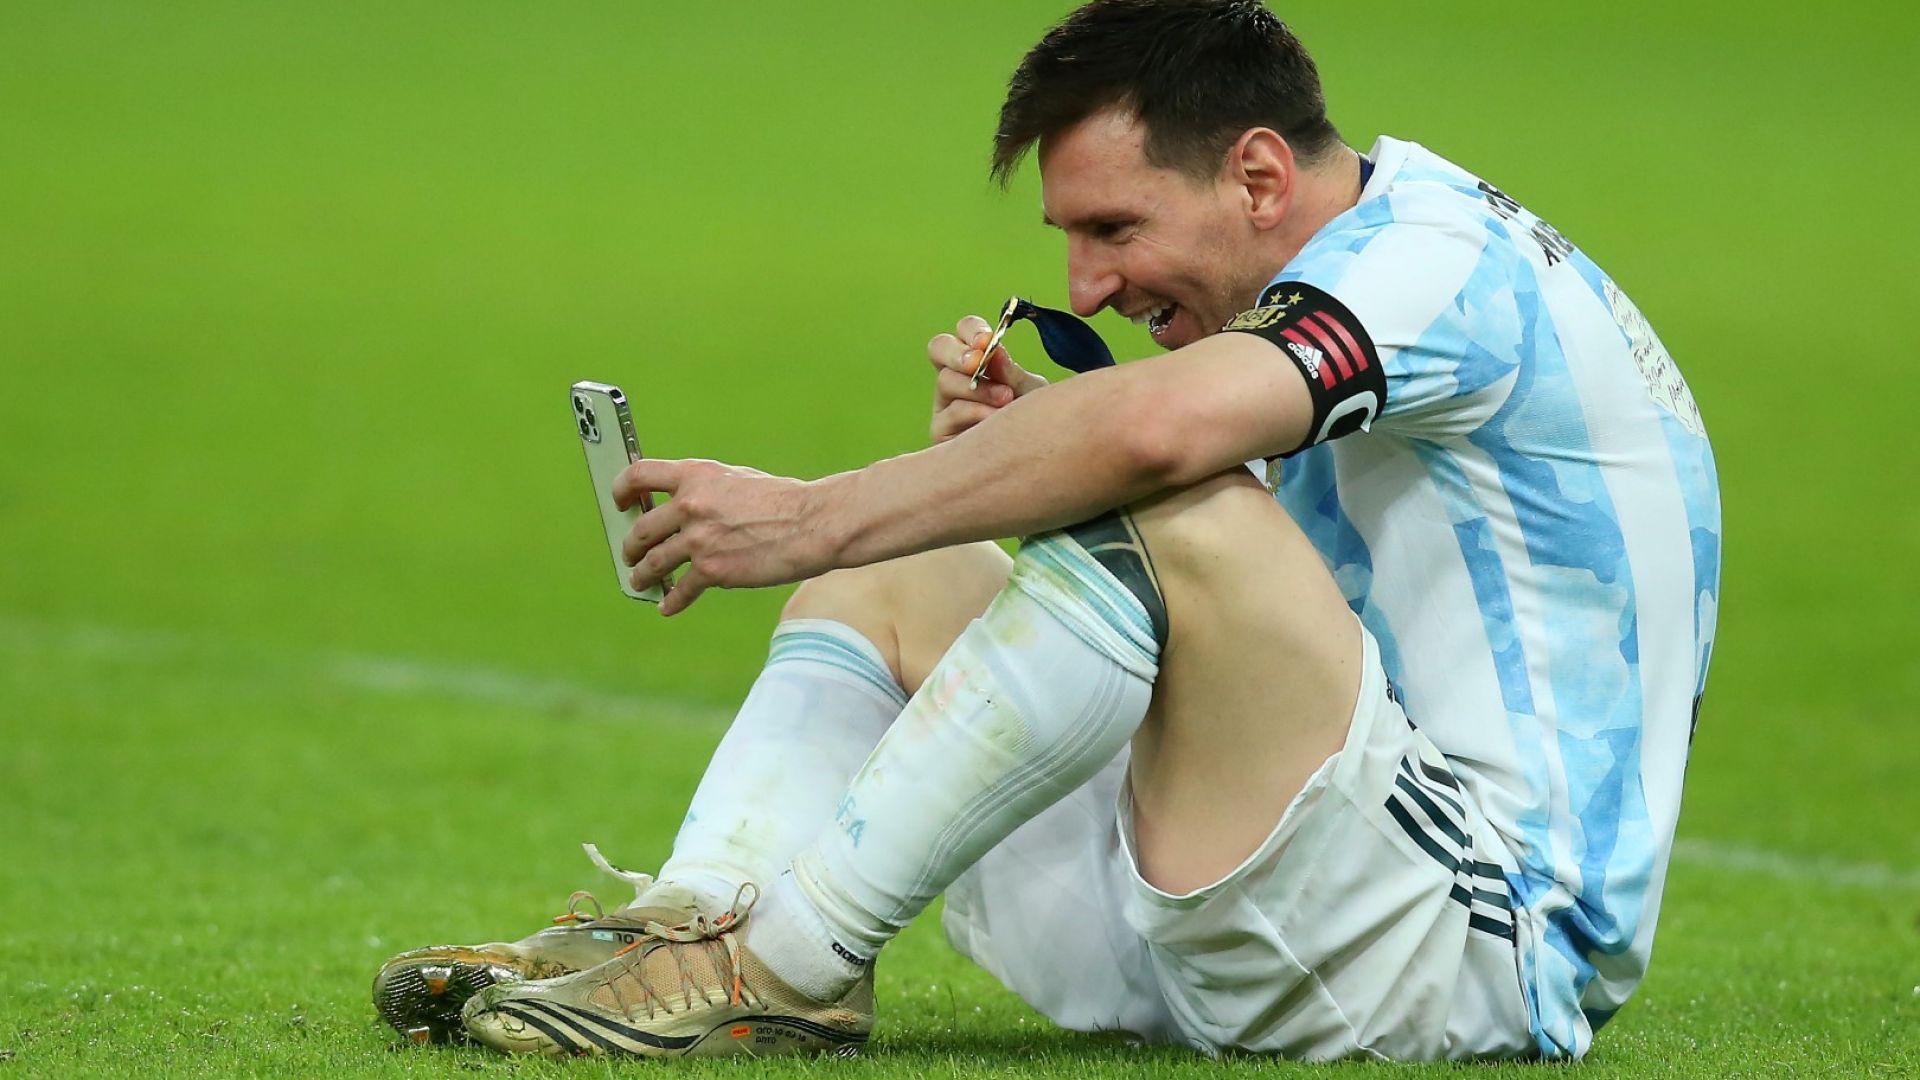 Треньорът на Аржентина разкри, че Лео е играл с контузия в полуфинала и финала